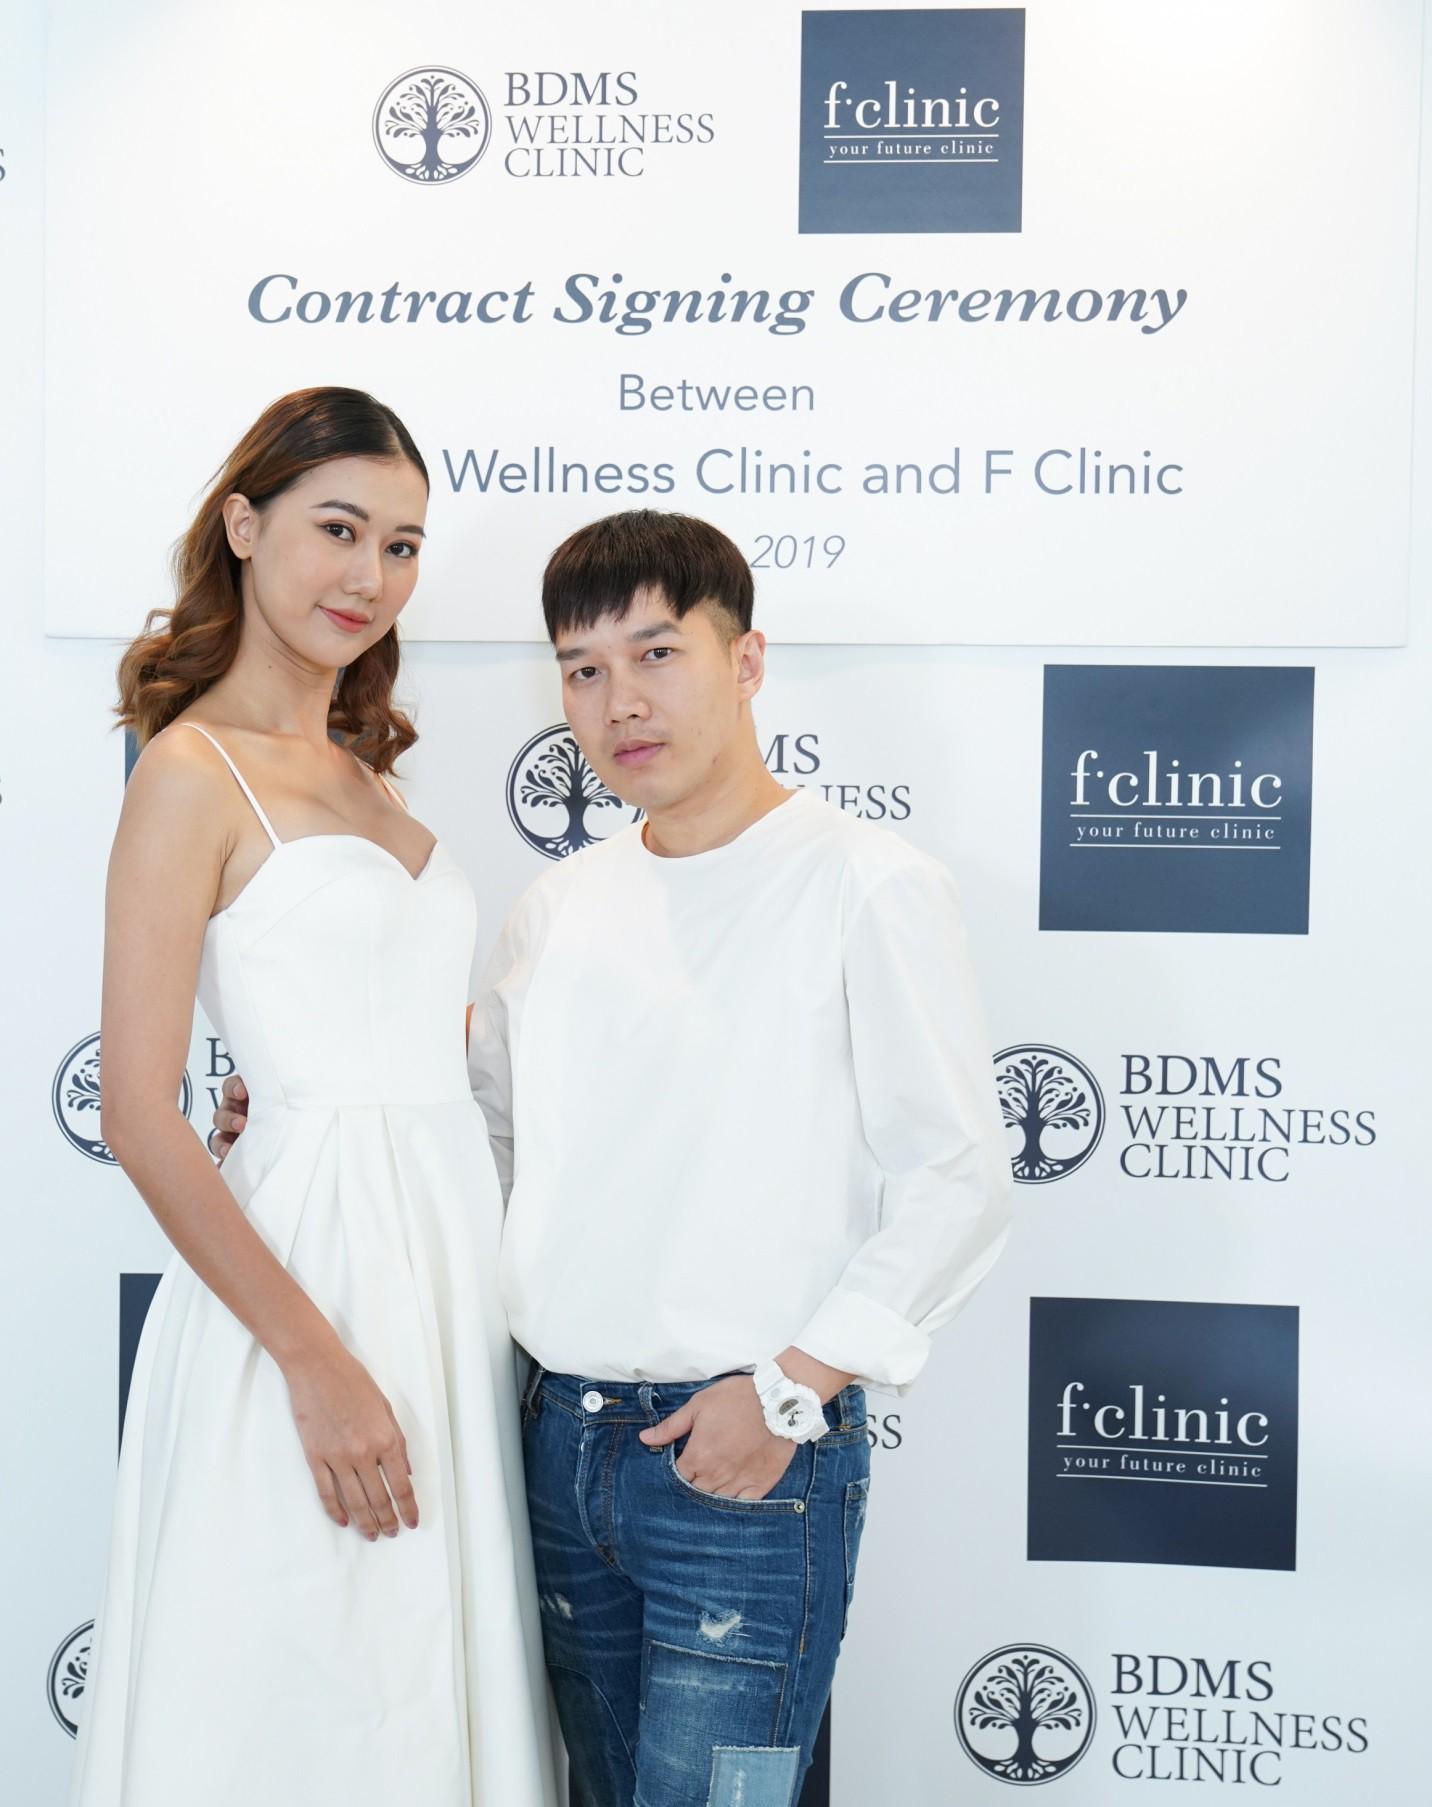 Future Clinic kết hợp BDMS Wellness Clinic Thái Lan đưa khoa học sức khỏe lên tầm tiêu chuẩn quốc tế - Ảnh 6.